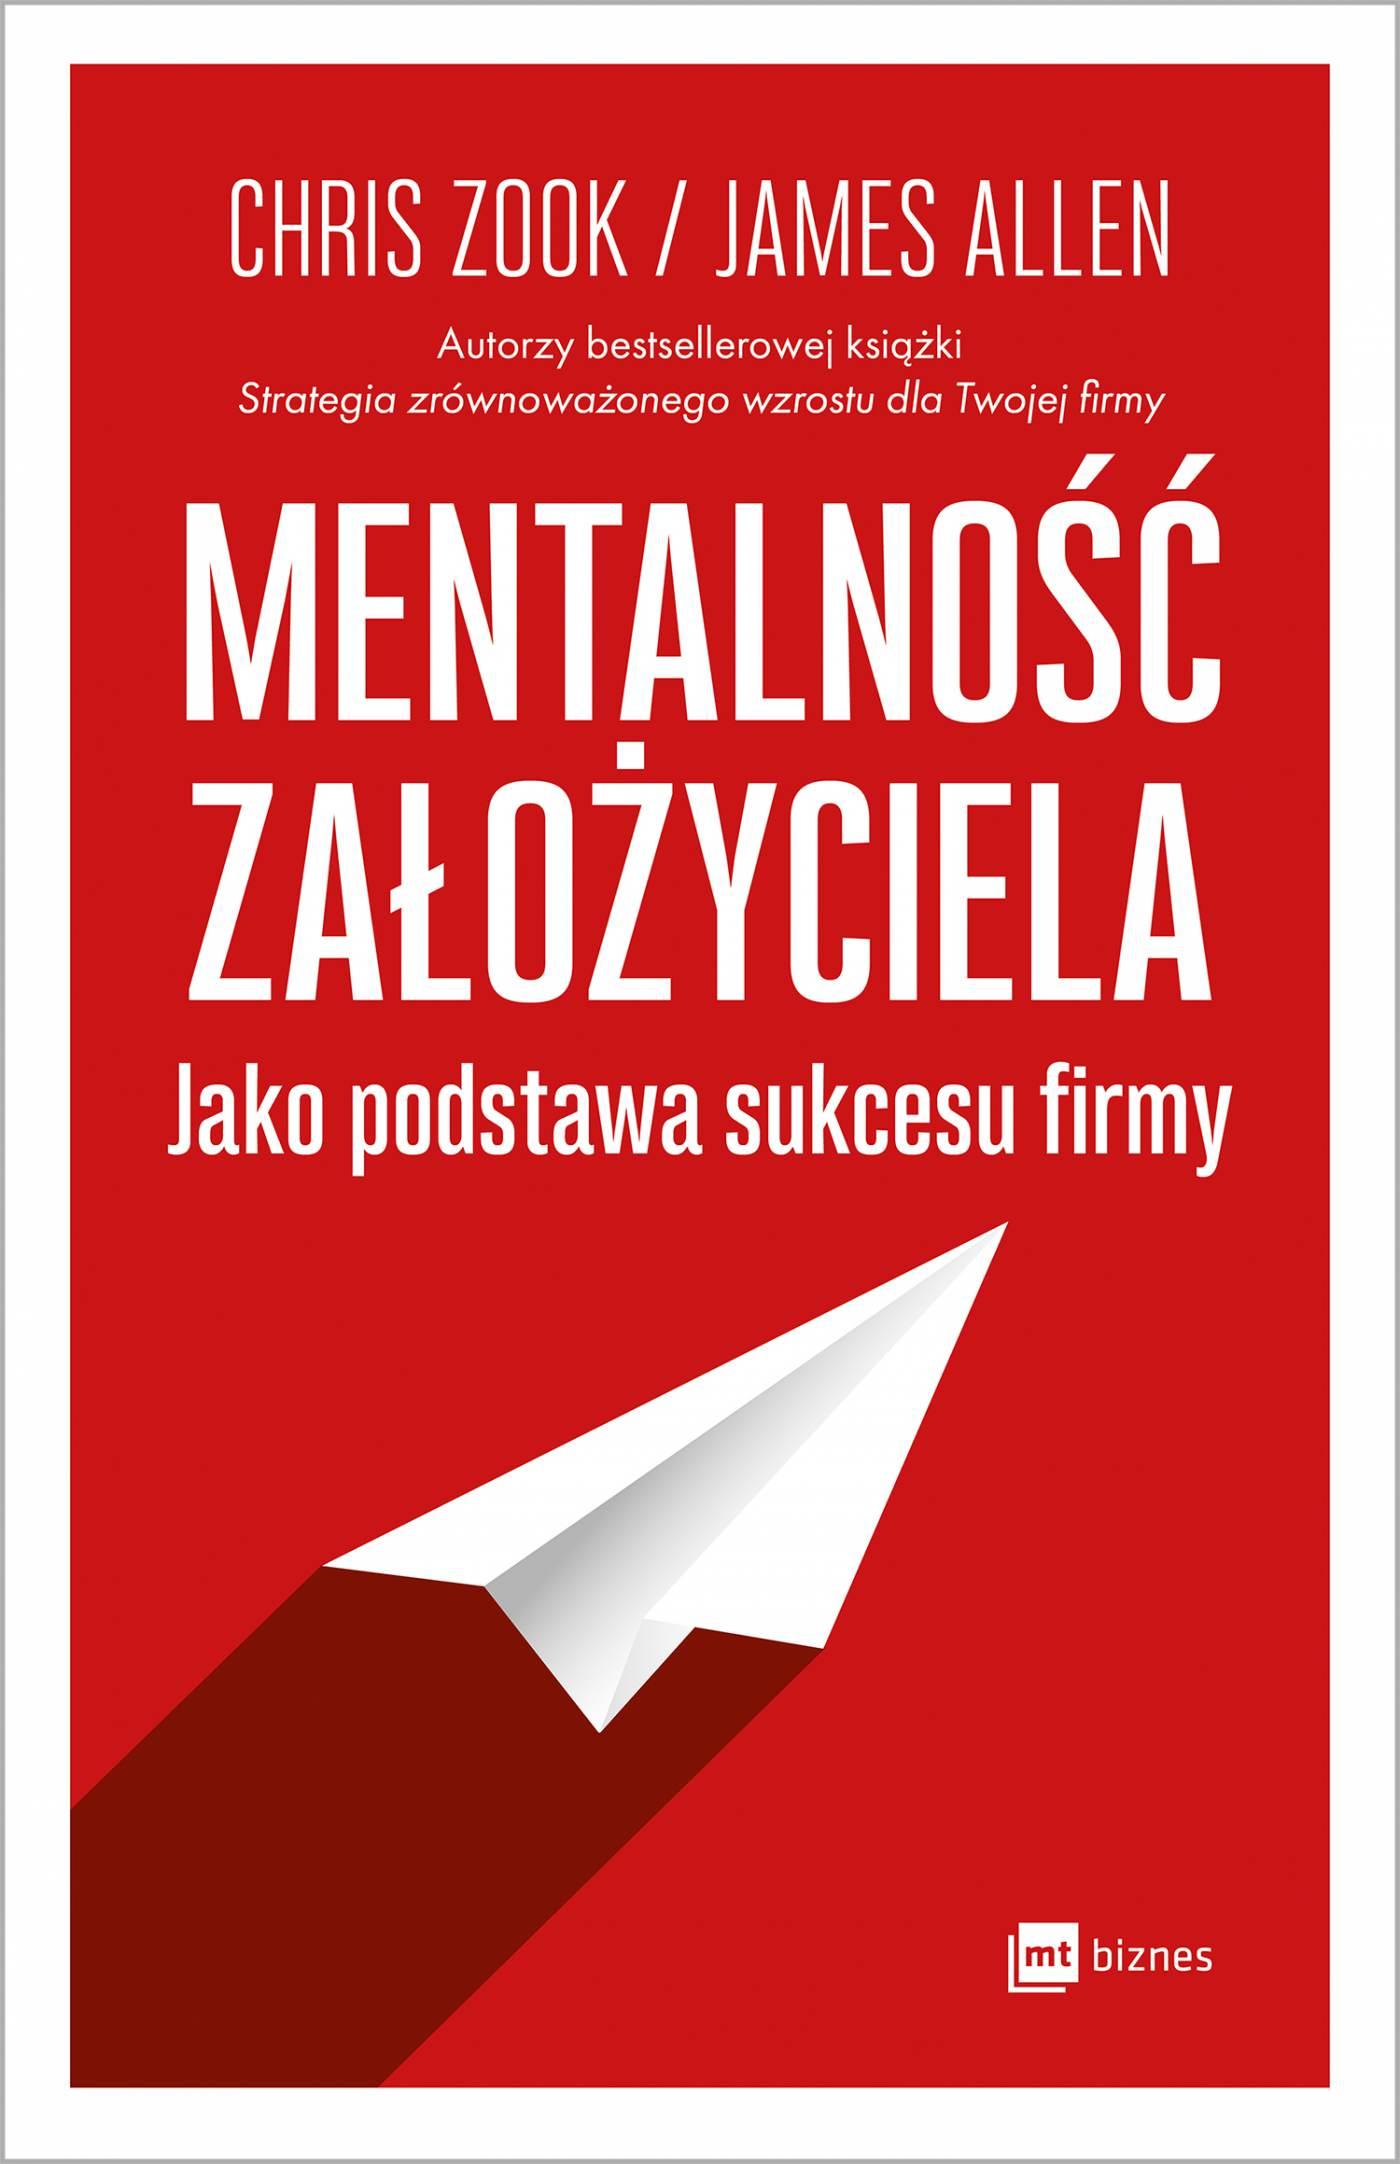 Mentalność założyciela jako podstawa sukcesu firmy - Ebook (Książka na Kindle) do pobrania w formacie MOBI